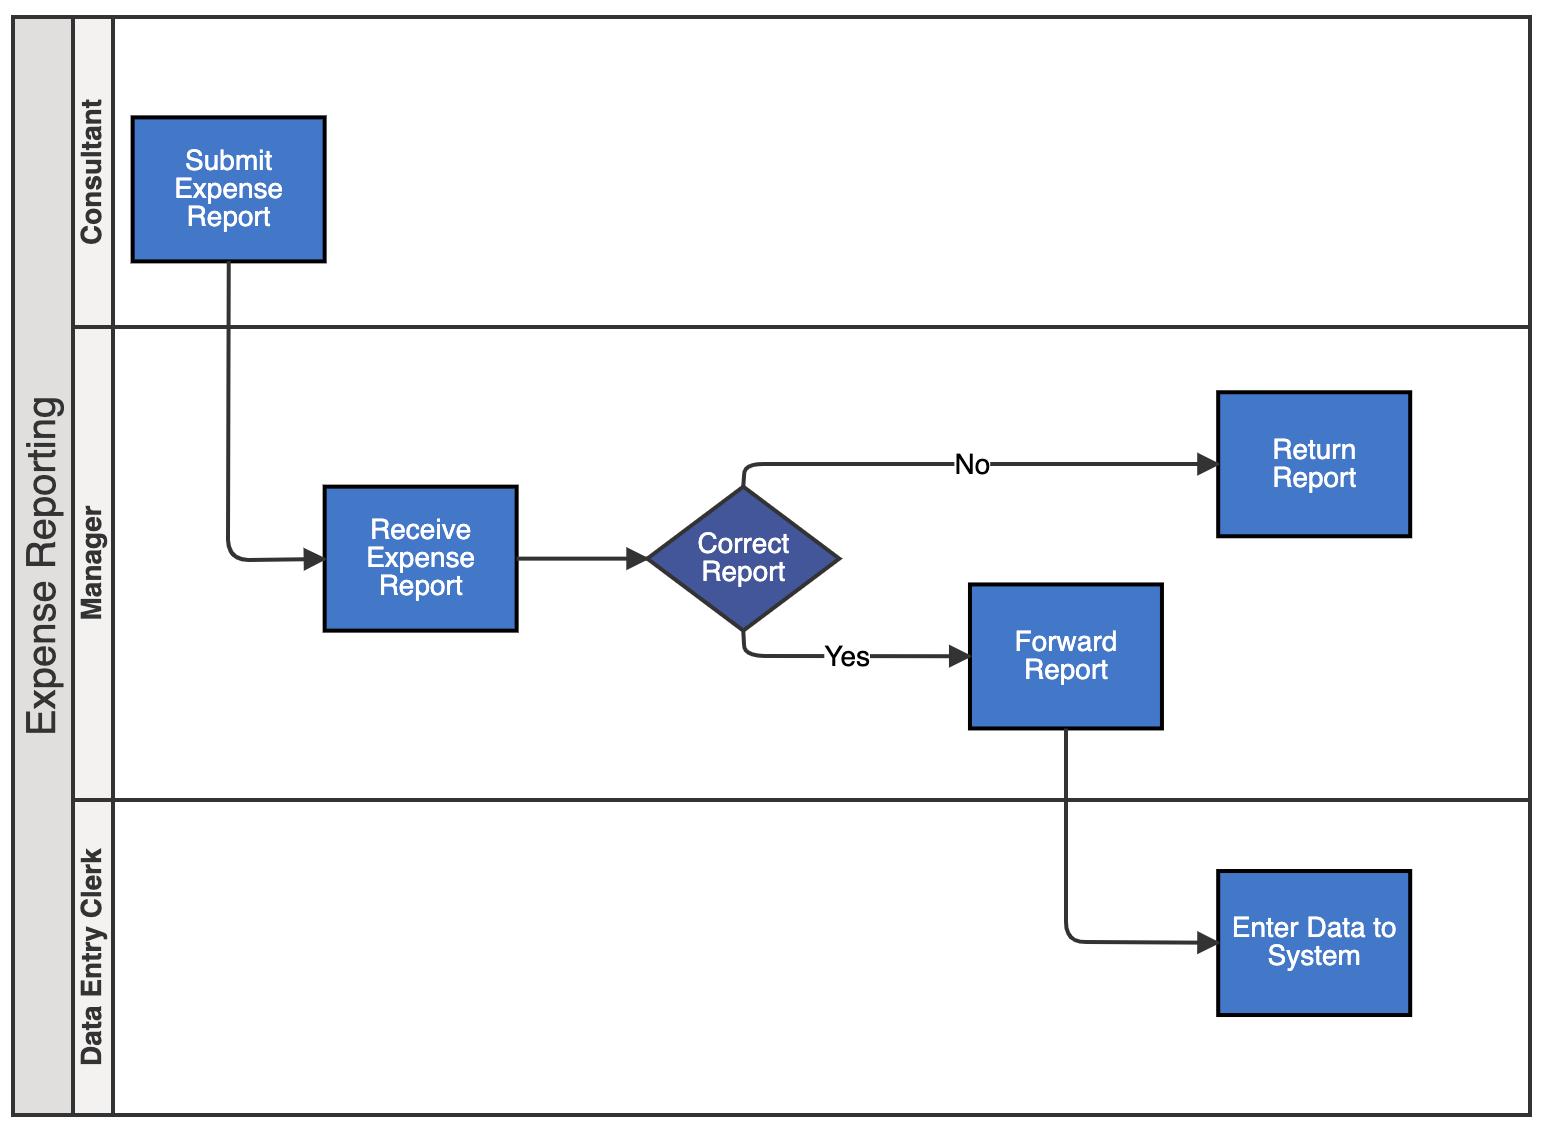 Visio Cross-Functional FlowChart